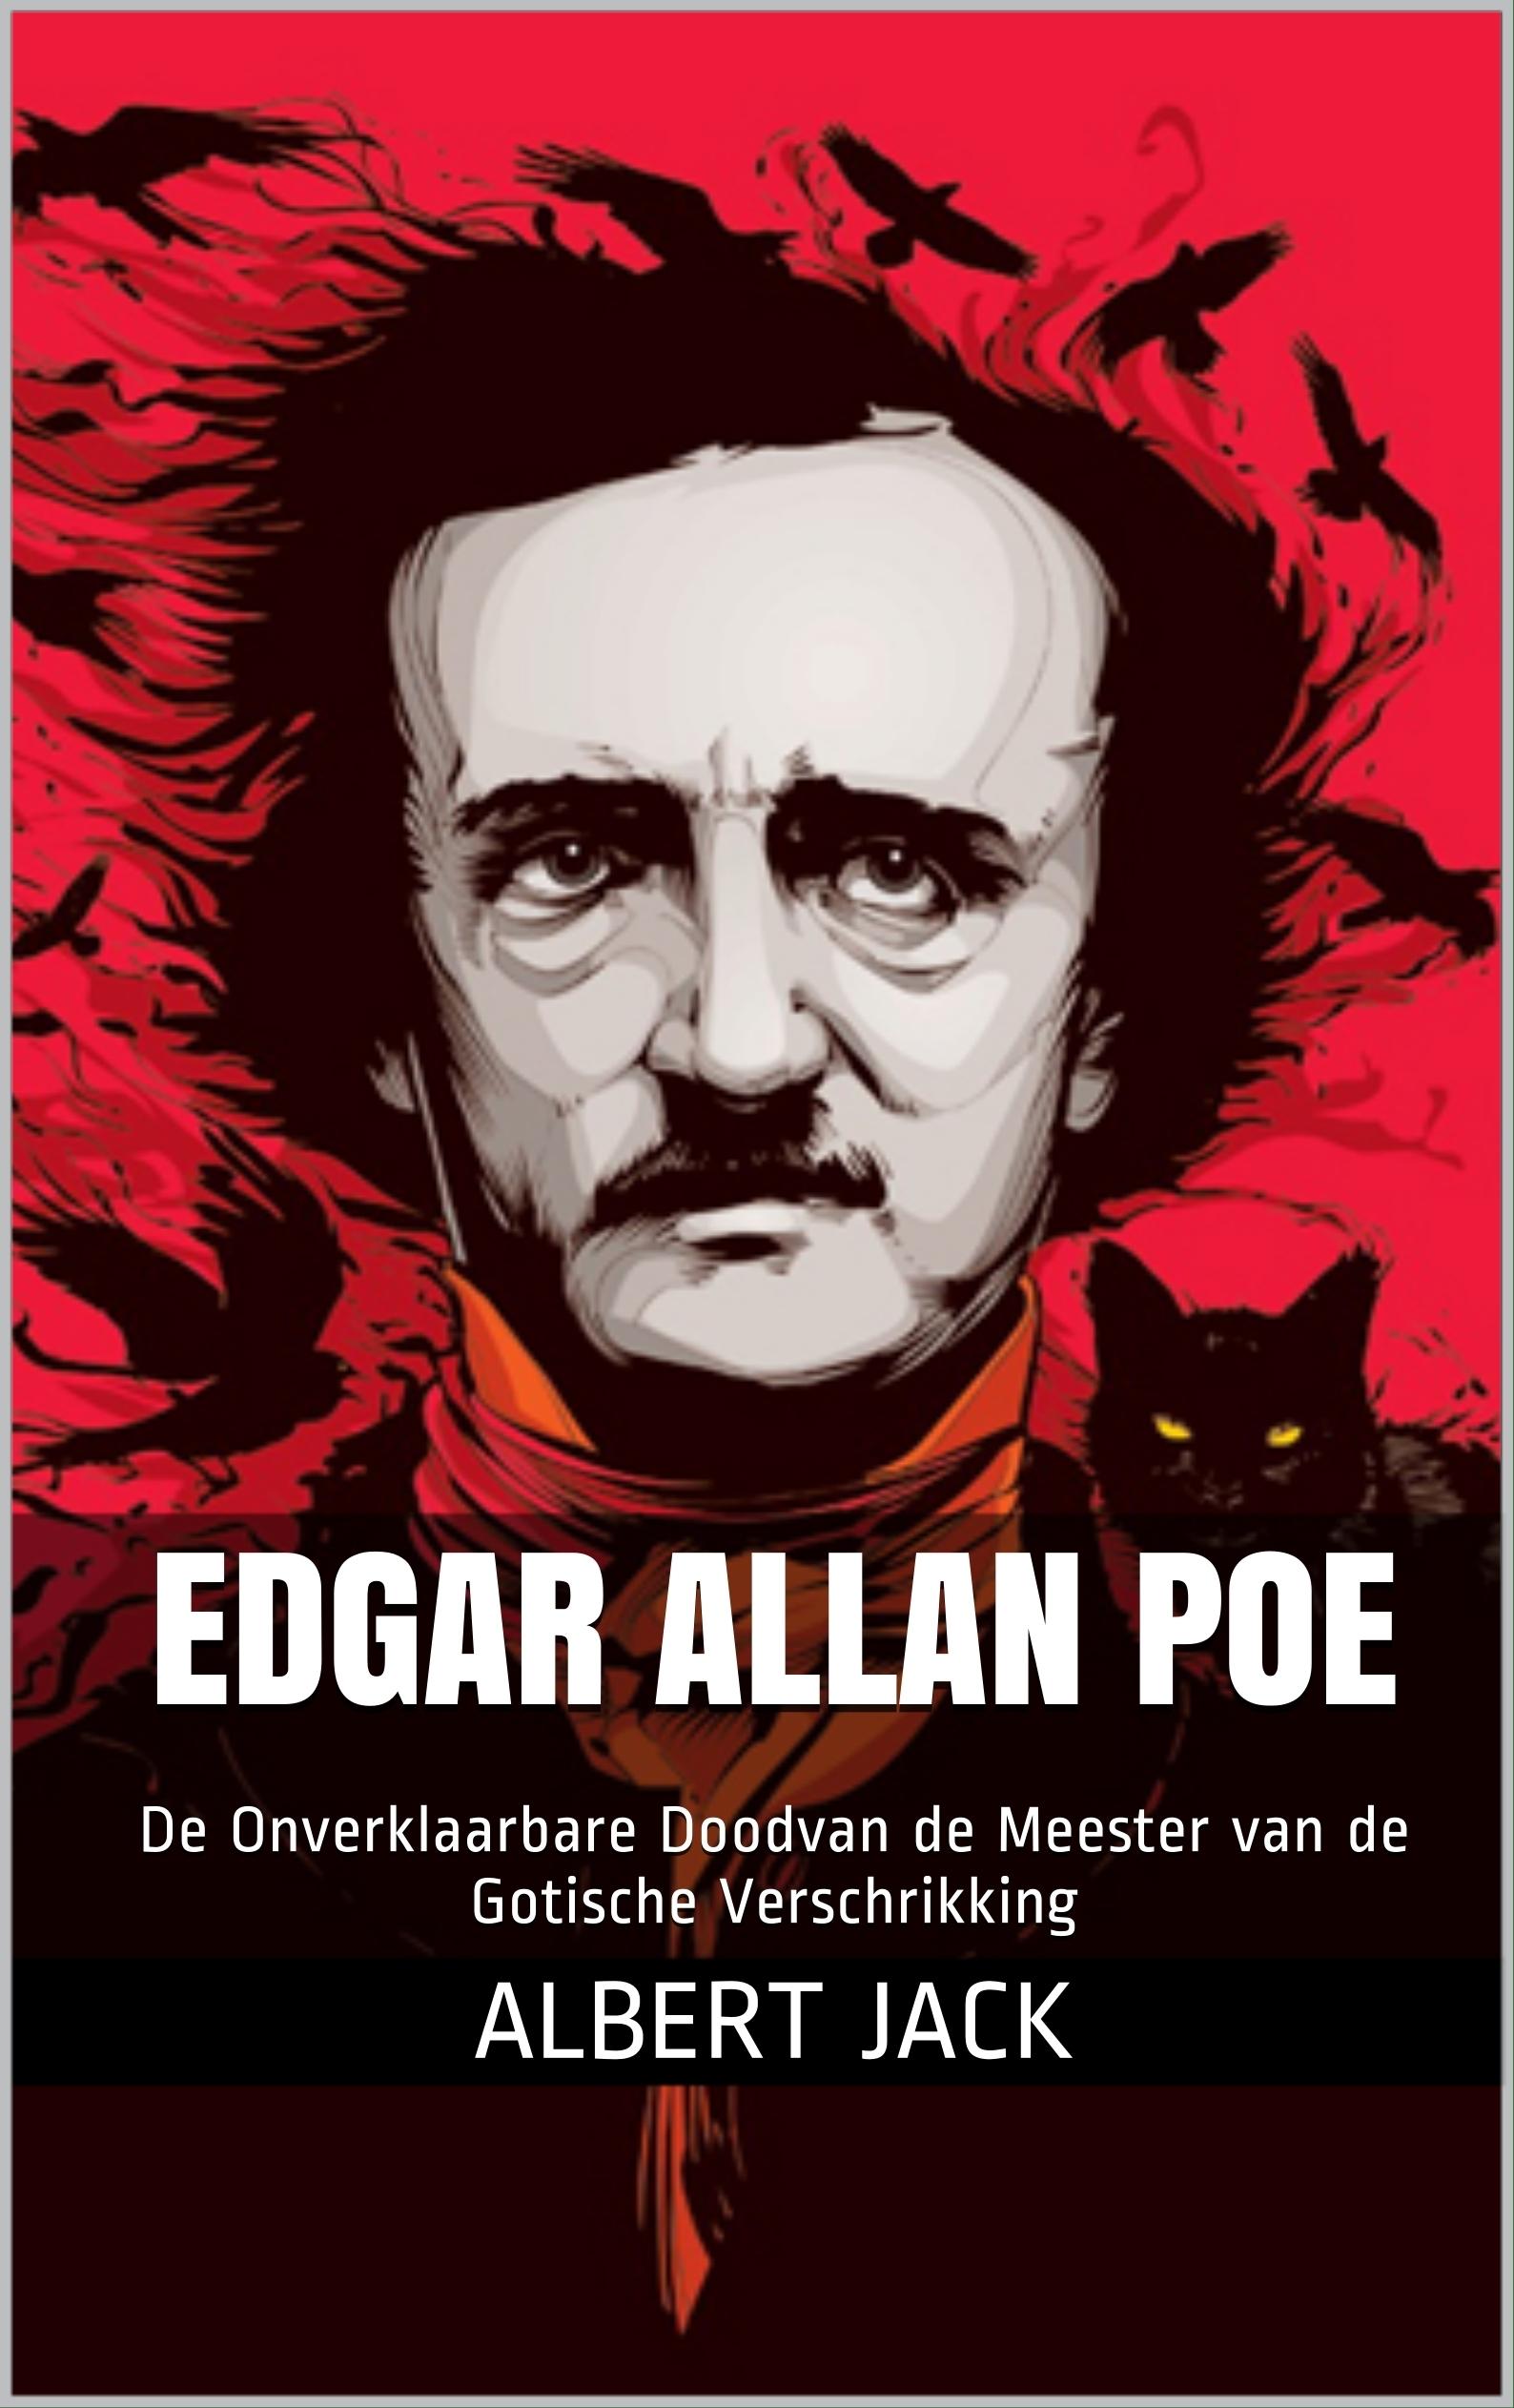 Edgar Allan Poe: De Onverklaarbare Doodvan de Meester van de Gotische Verschrikking Albert Jack